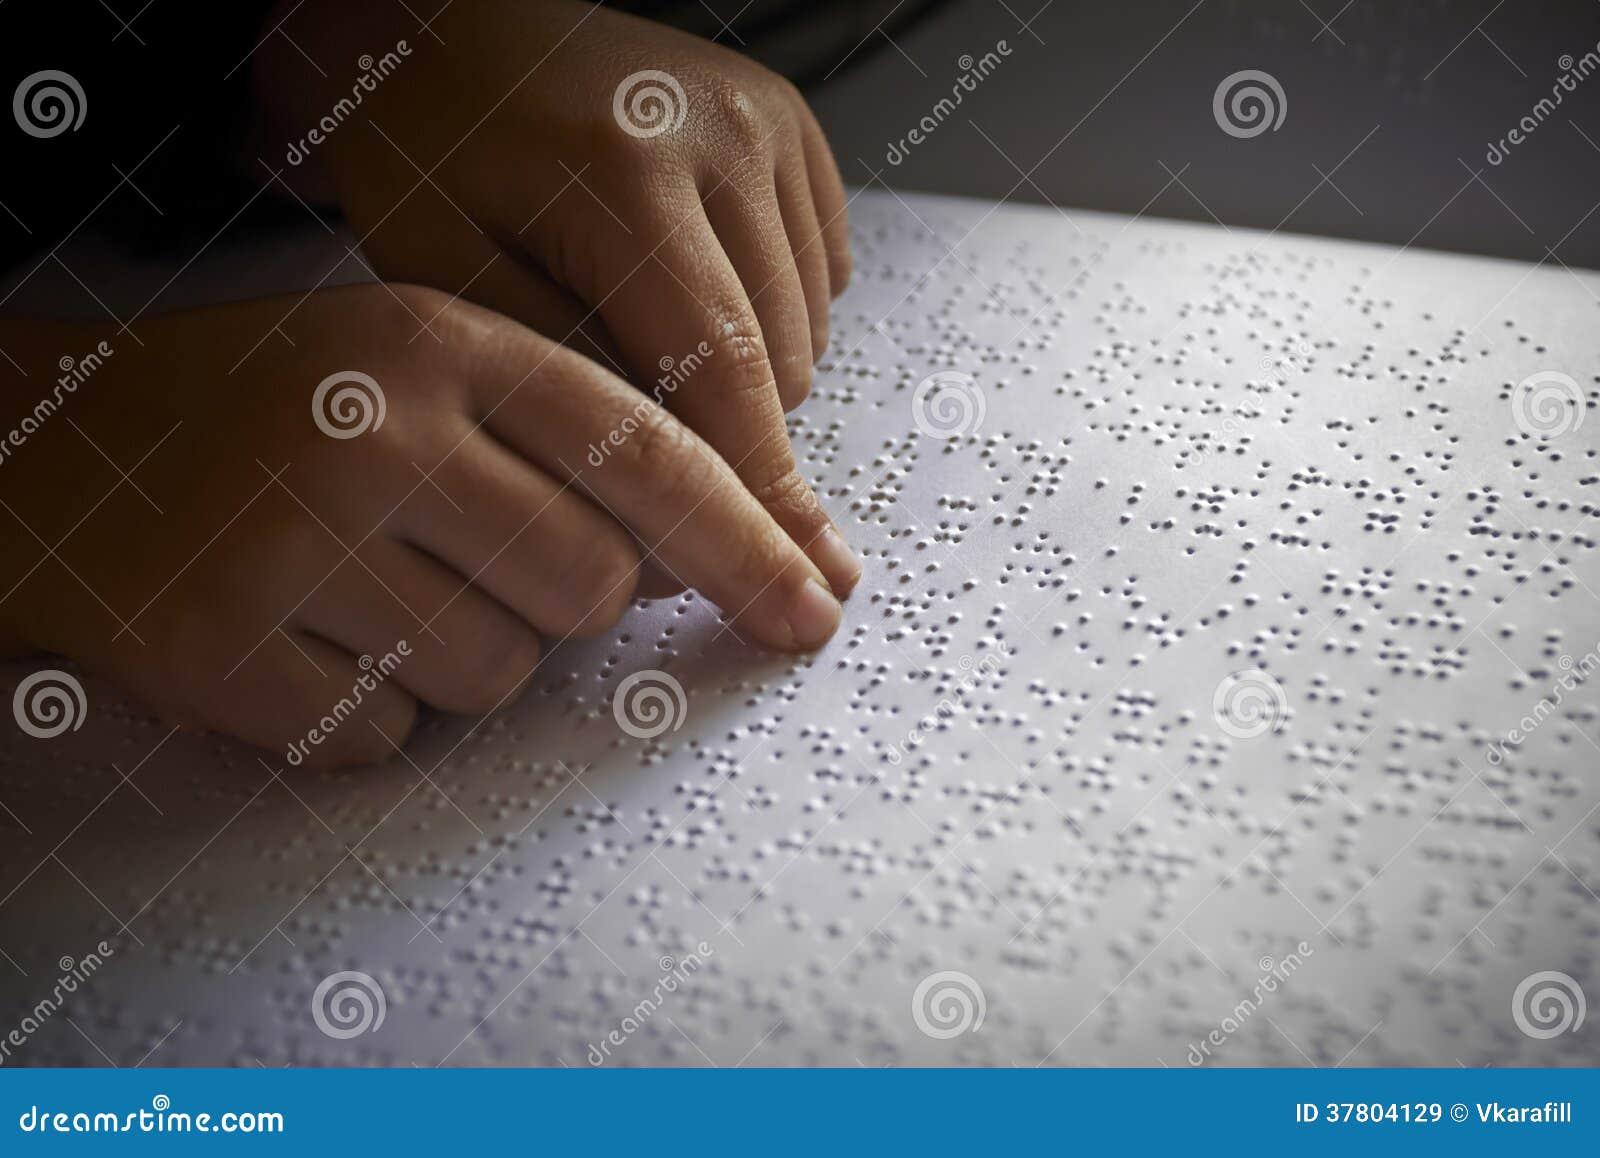 Слепые дети прочитали текст в Шрифте Брайля